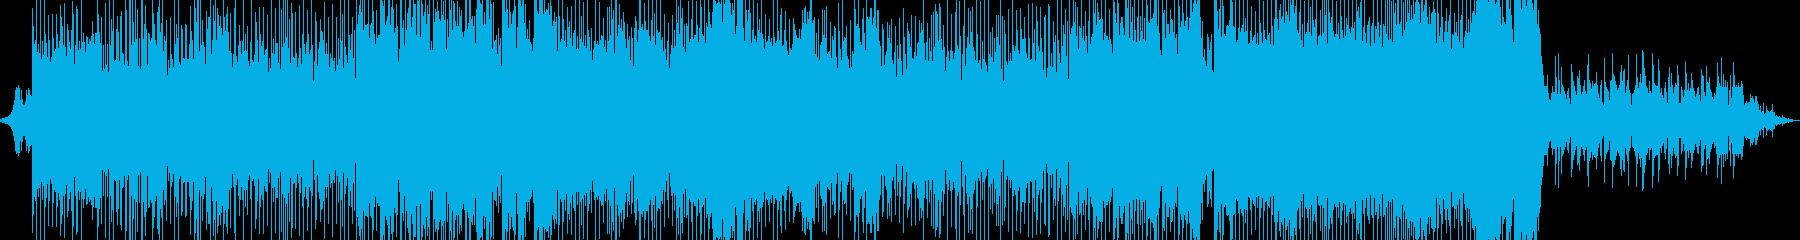 緊張感のあるインストの再生済みの波形